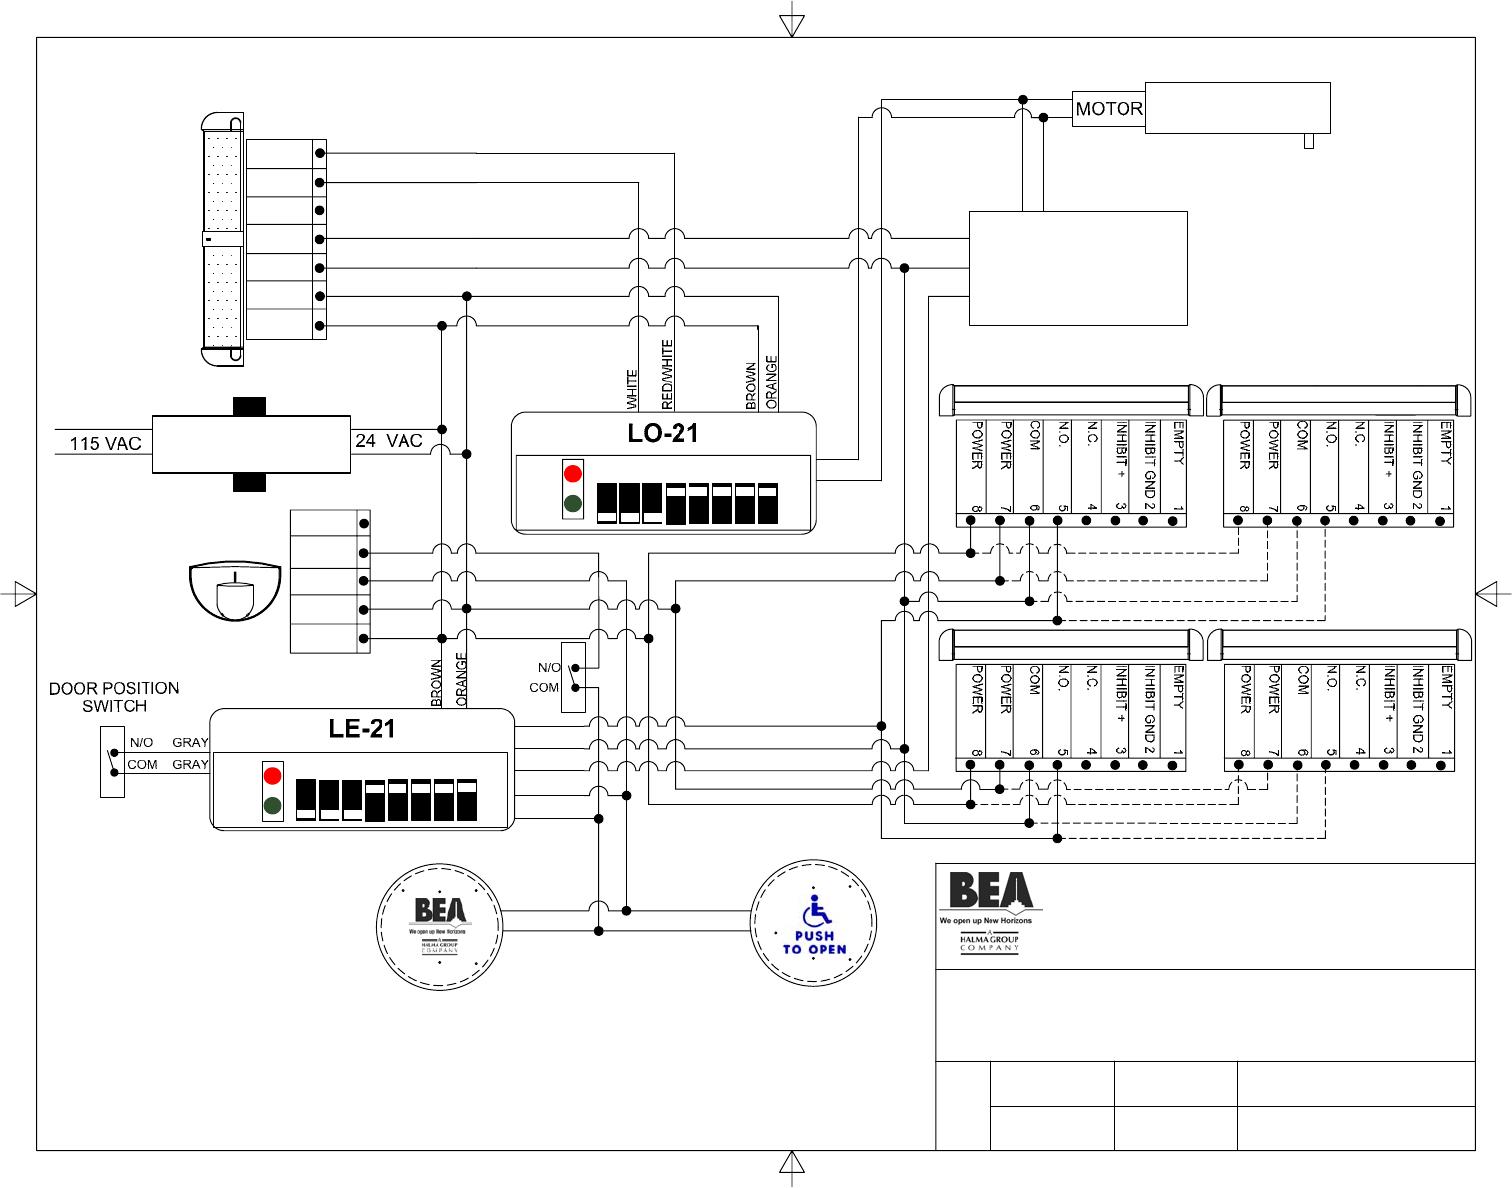 tempstar wiring diagram wiring free printable wiring diagrams